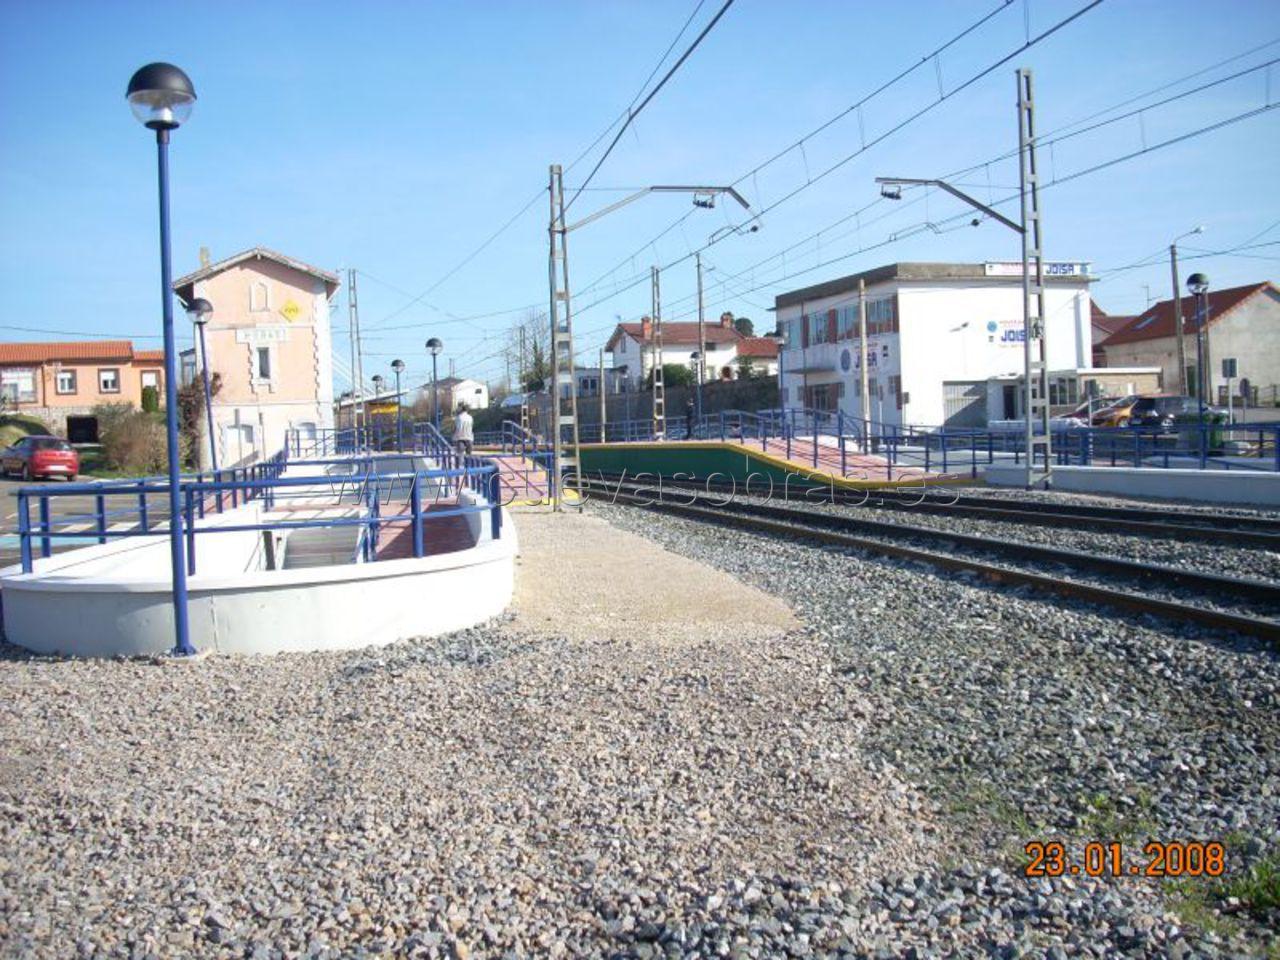 Ejecución de paso inferior en la estación de tren de Heras, Cantabria.